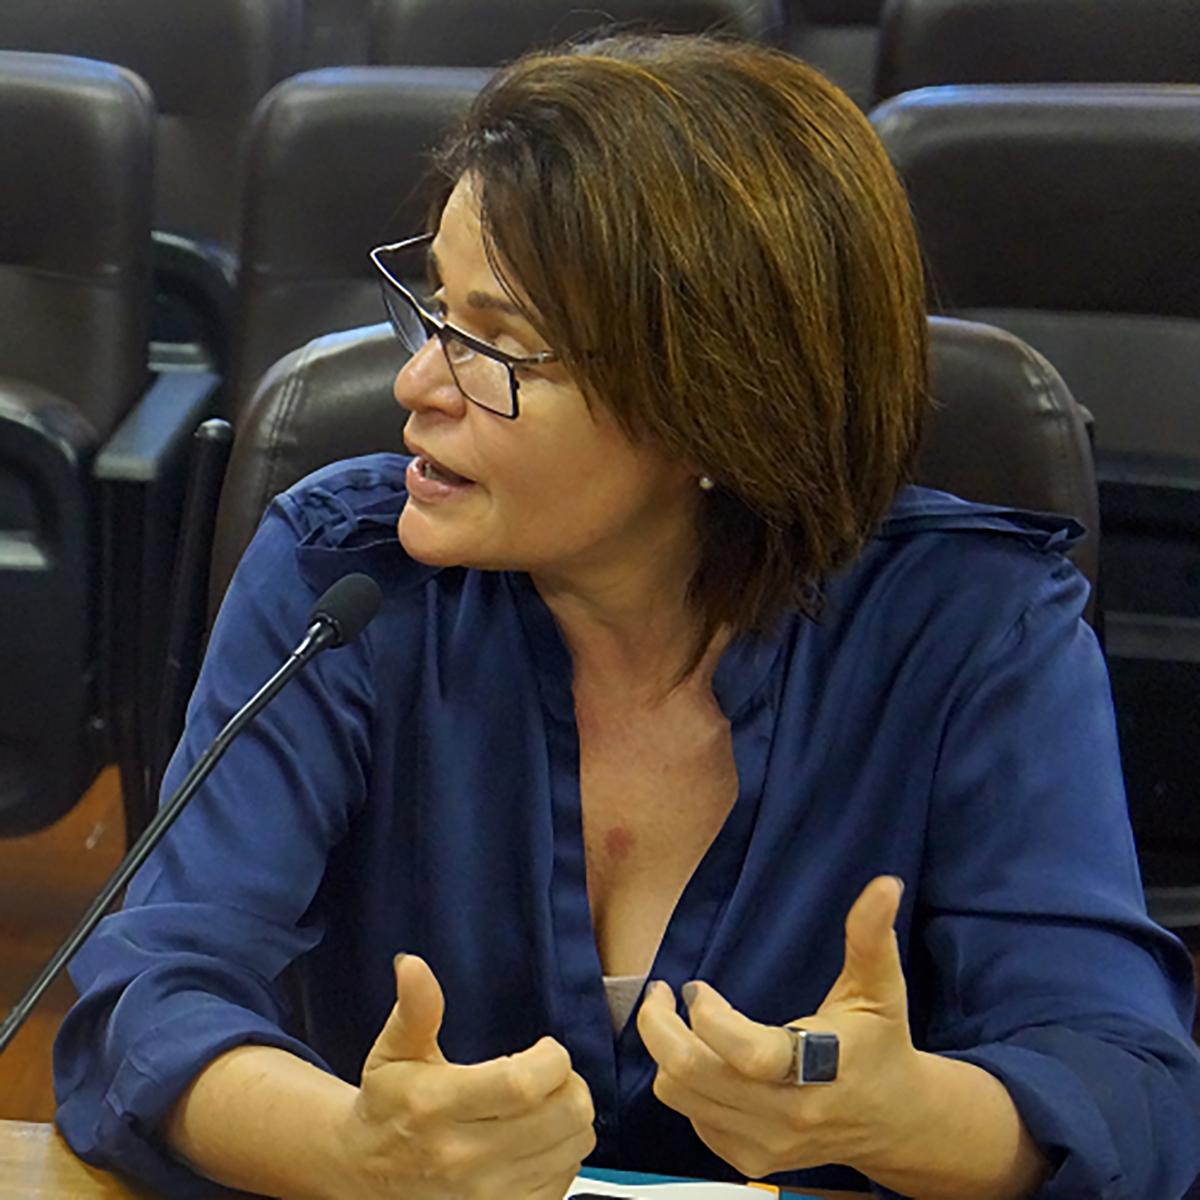 Ana Luisa Zaniboni Gomes